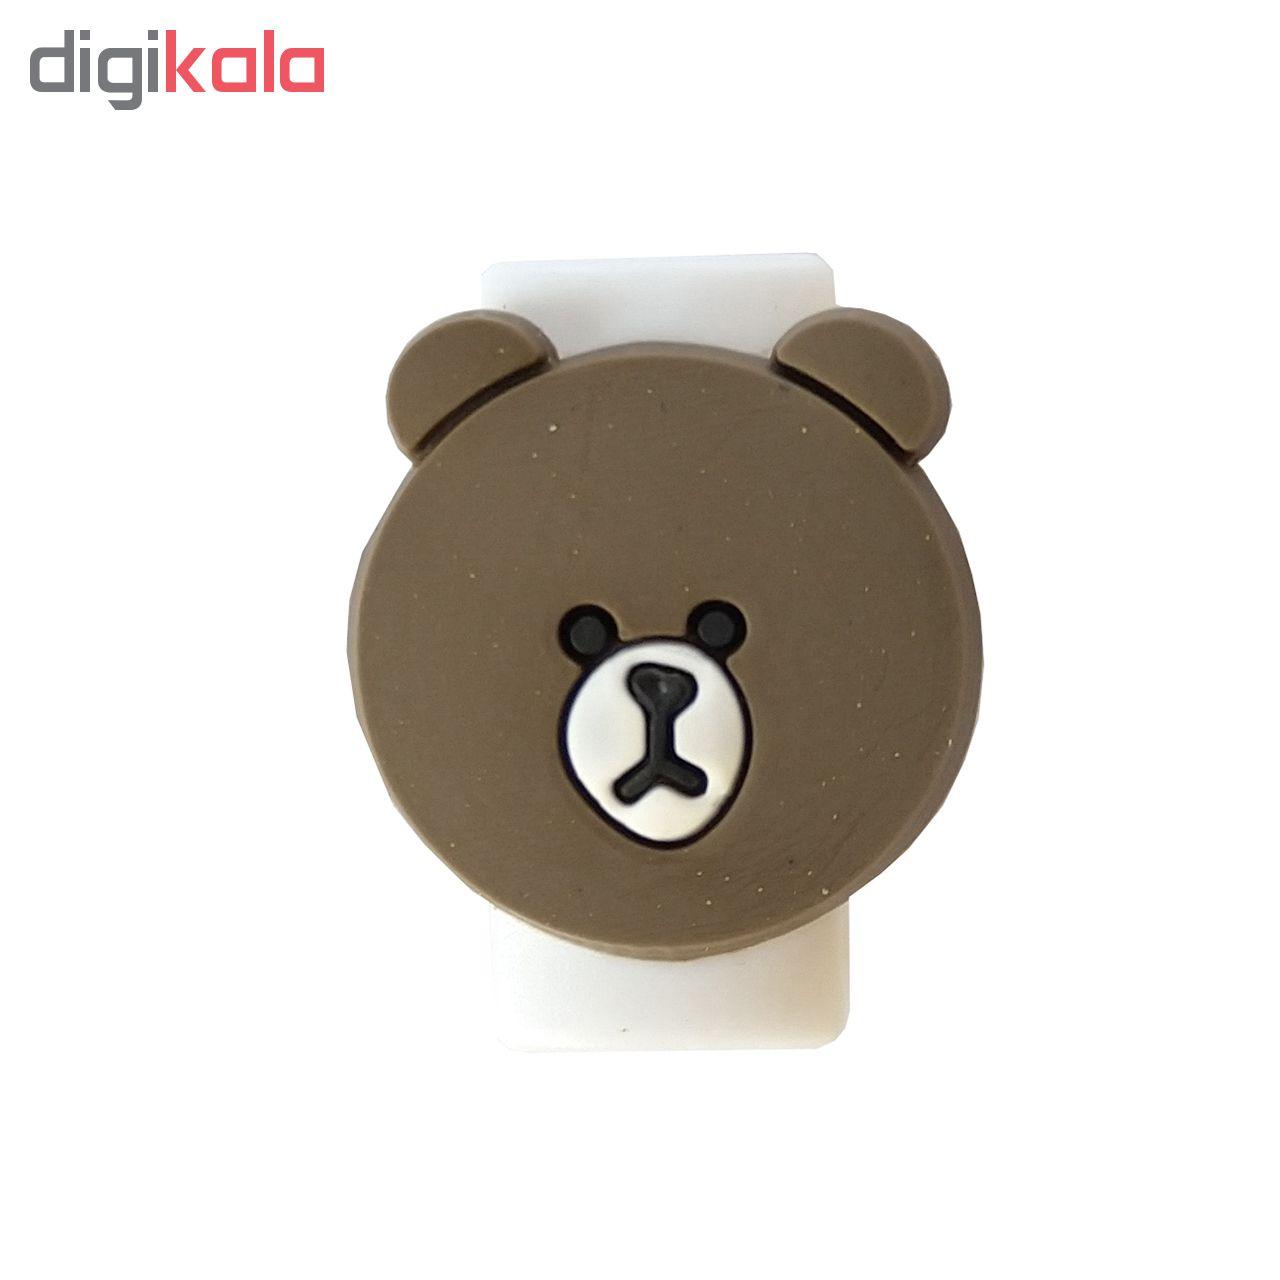 محافظ کابل شارژر مدل Bear-Brown main 1 2